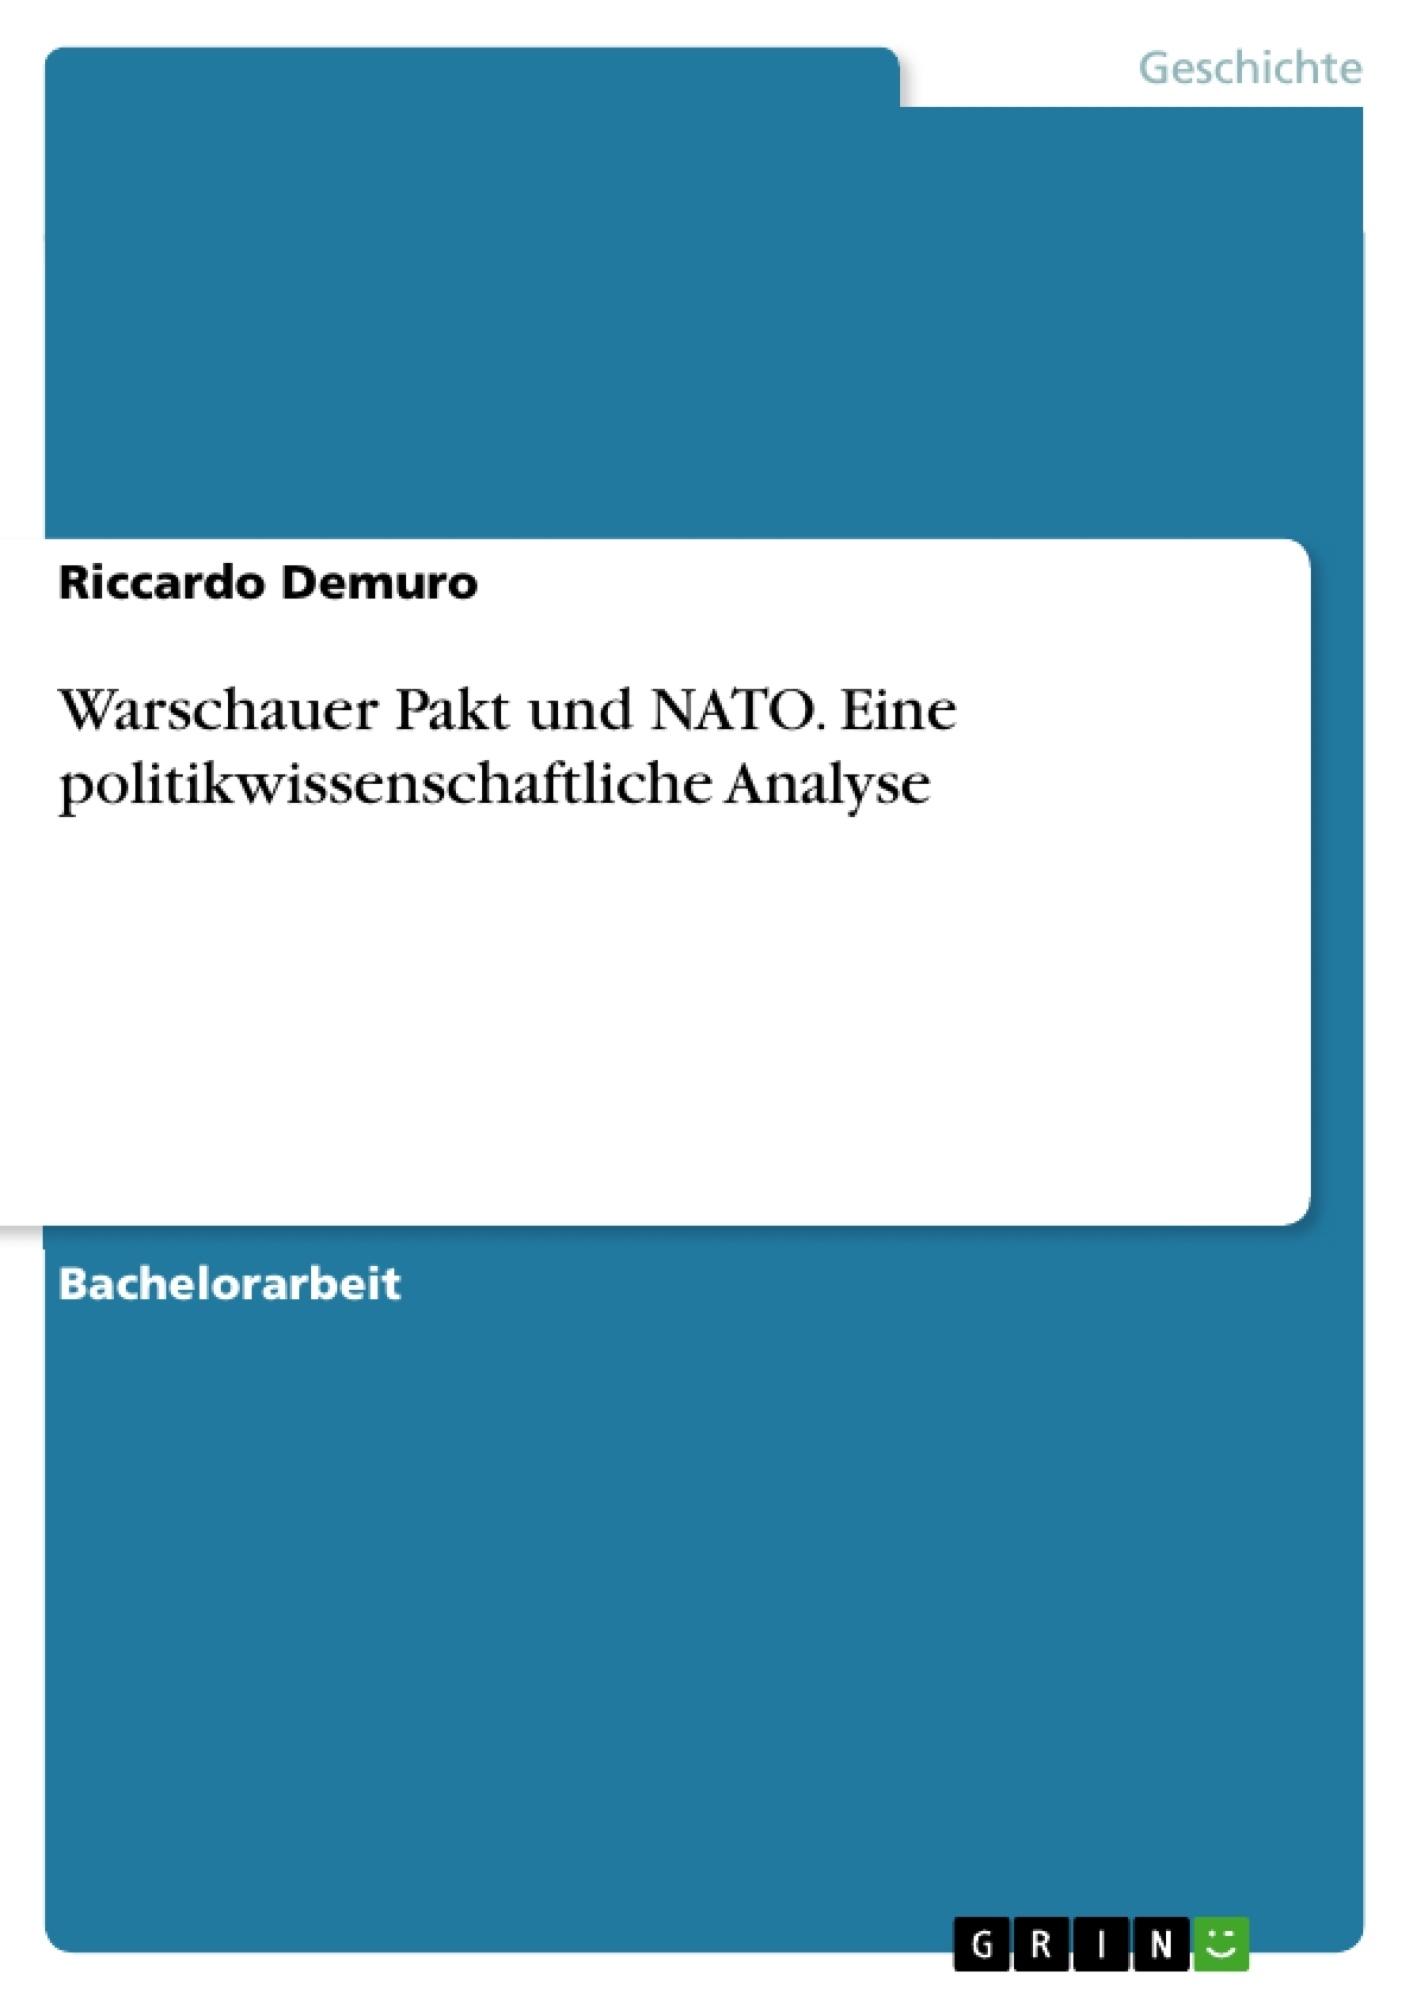 Titel: Warschauer Pakt und NATO. Eine politikwissenschaftliche Analyse